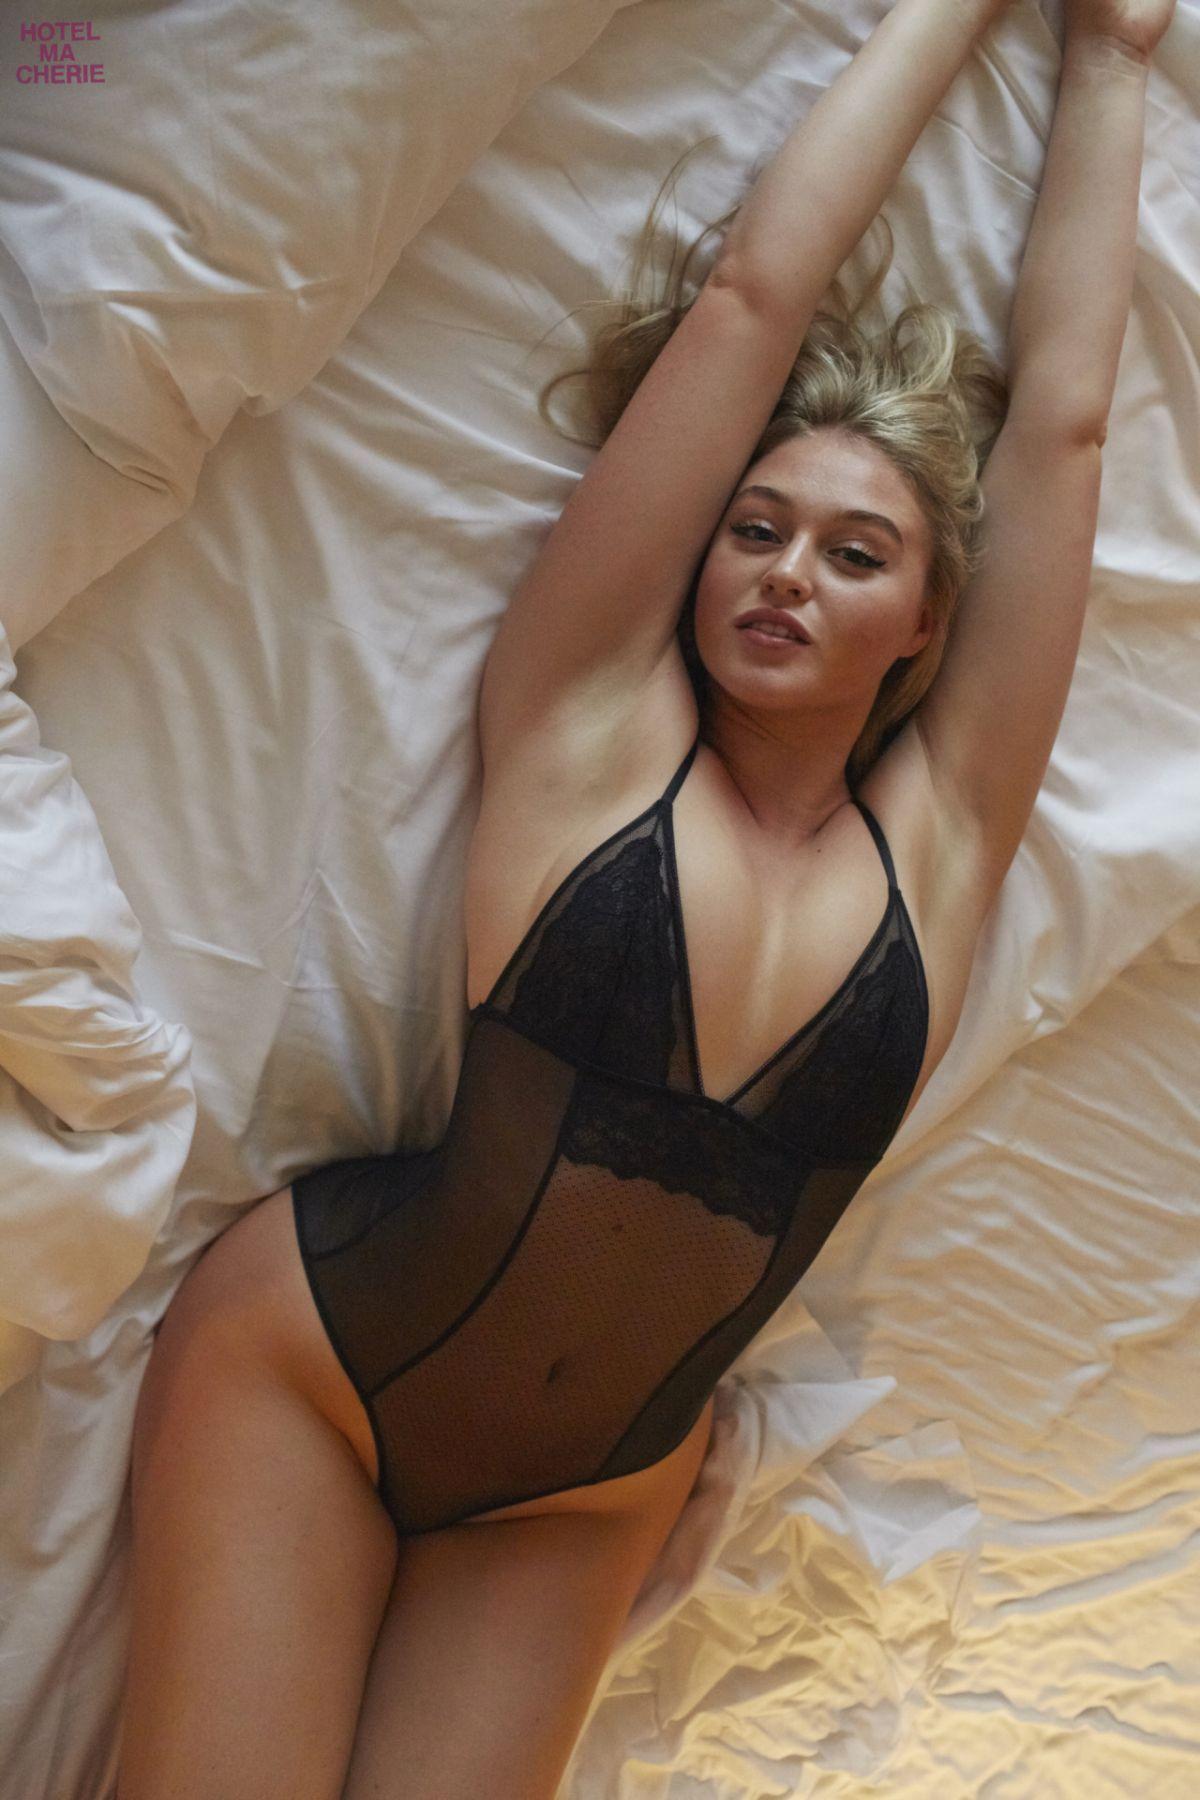 Dojki1.Com ~ Секс с русскими девушками, русское порно